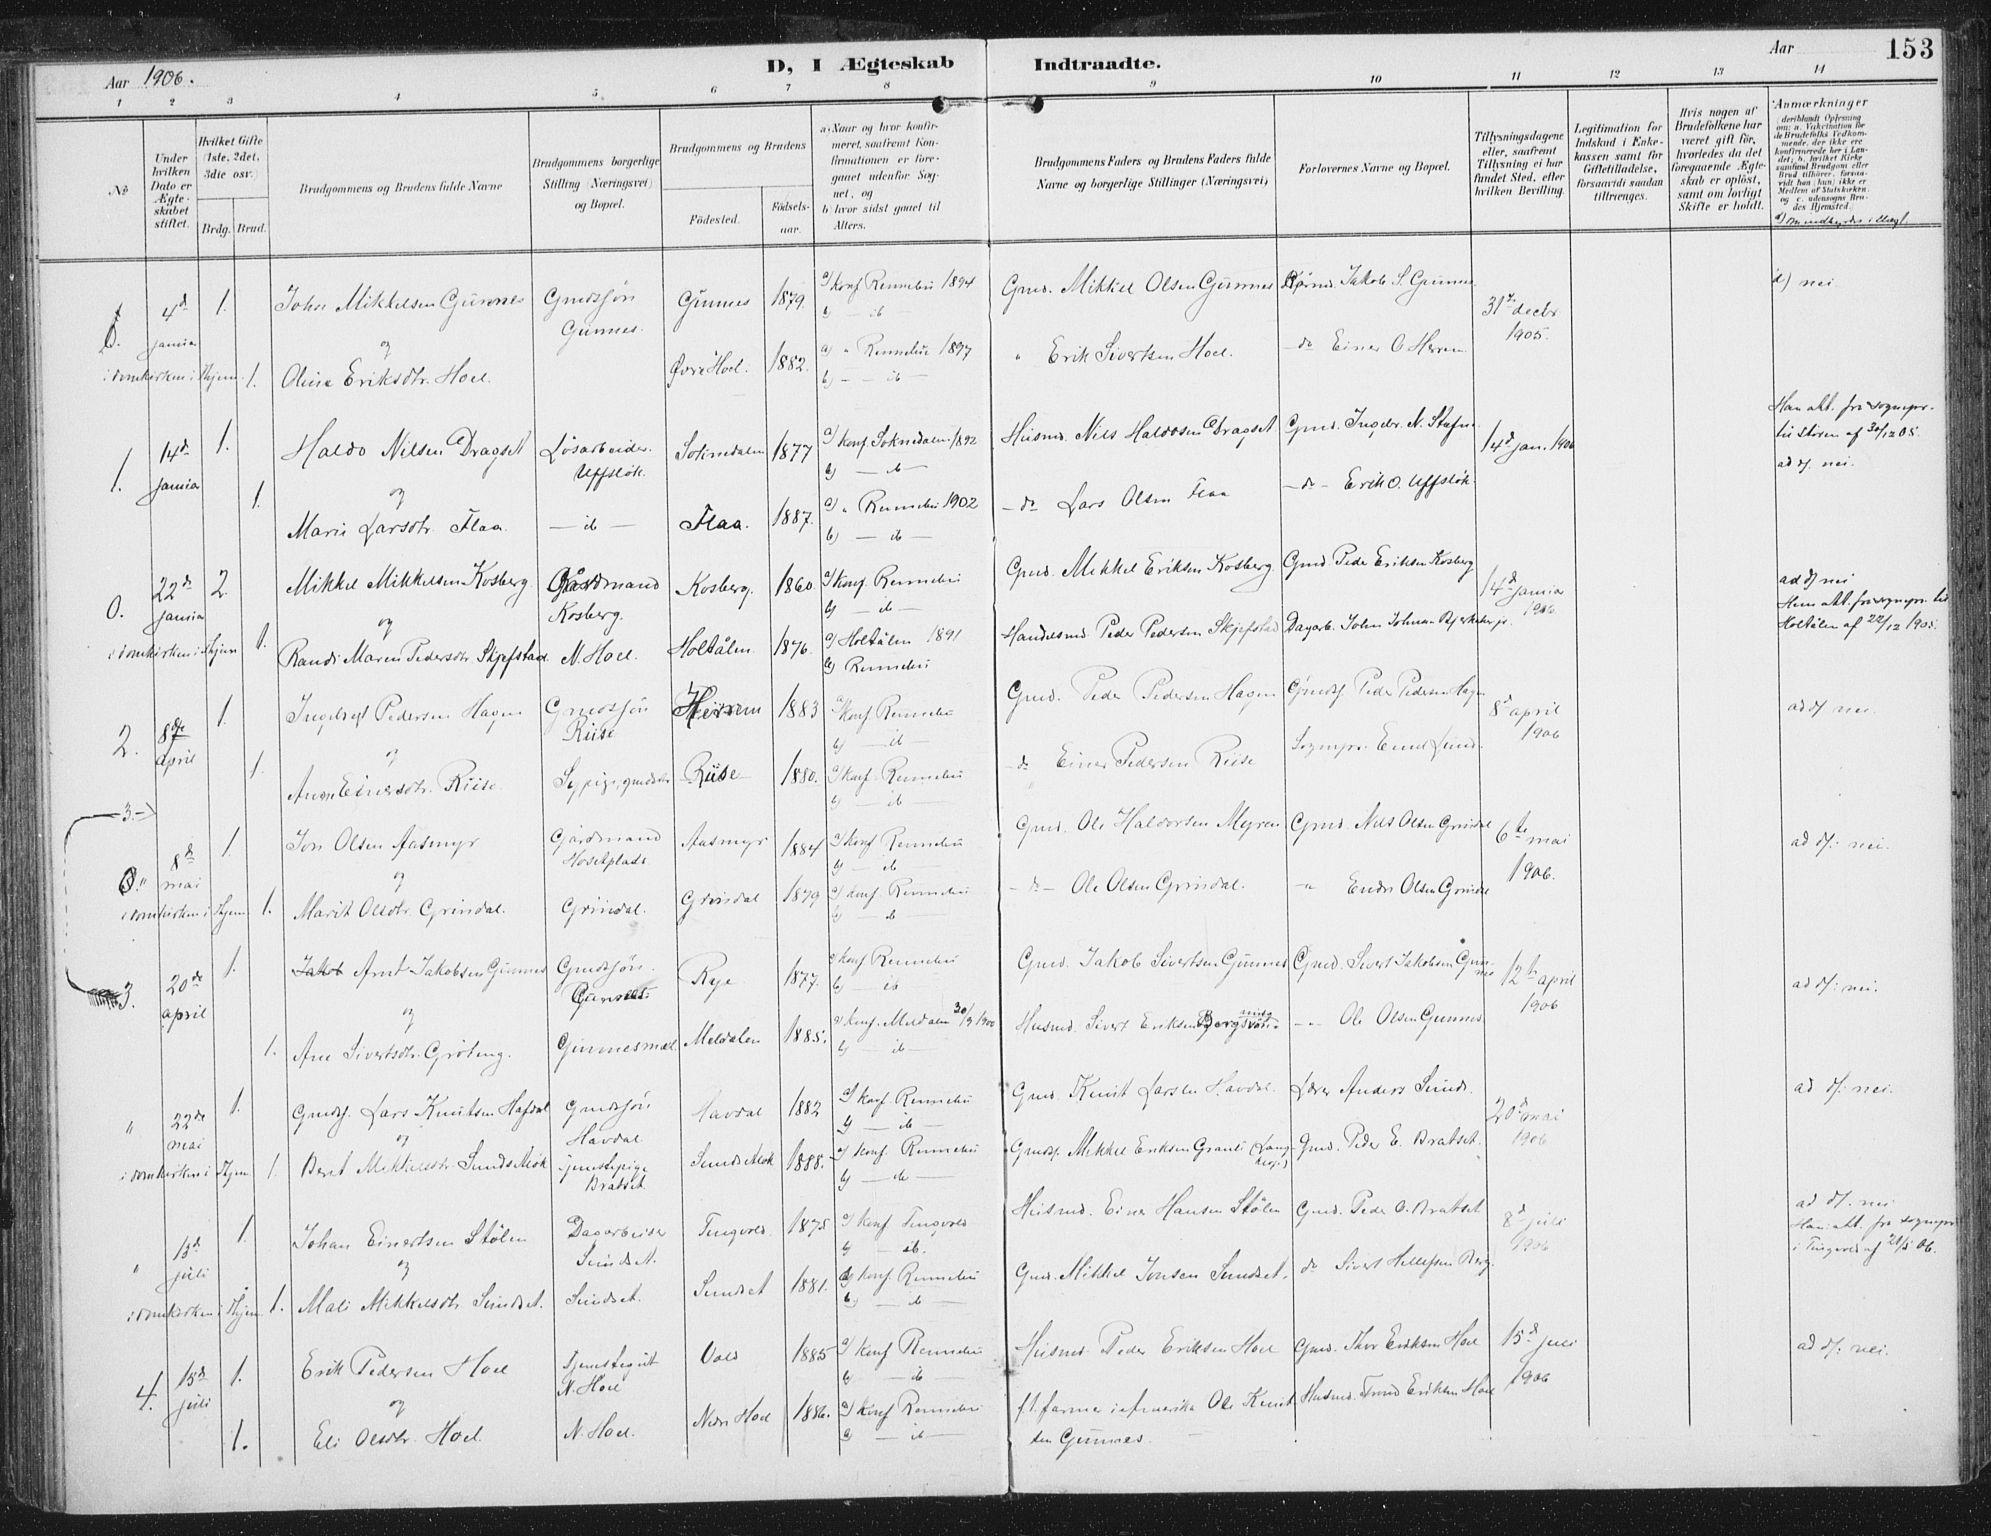 SAT, Ministerialprotokoller, klokkerbøker og fødselsregistre - Sør-Trøndelag, 674/L0872: Ministerialbok nr. 674A04, 1897-1907, s. 153